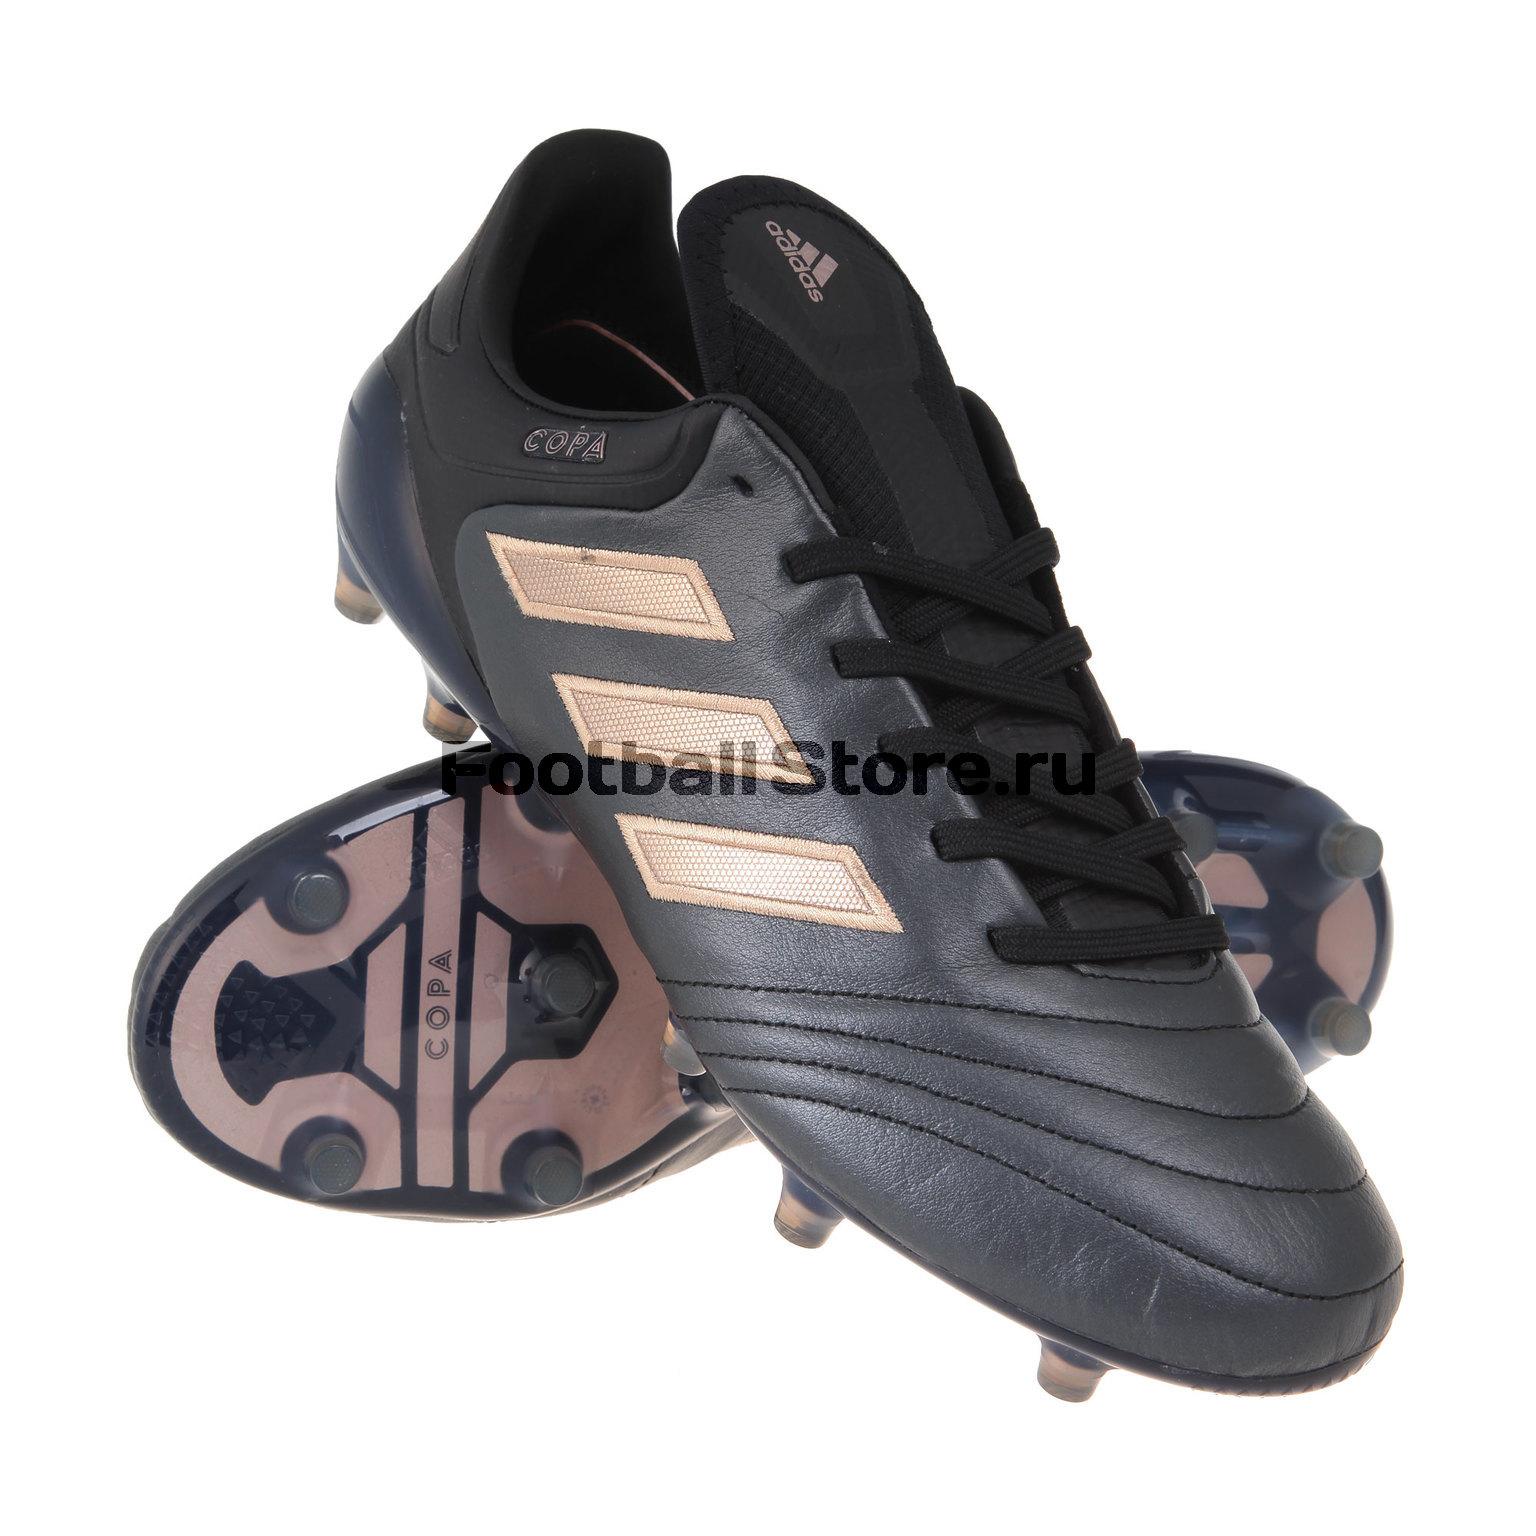 Бутсы Adidas Copa 17.1 FG  BA8517 детские бутсы nike бутсы nike jr phantom 3 elite df fg ah7292 081